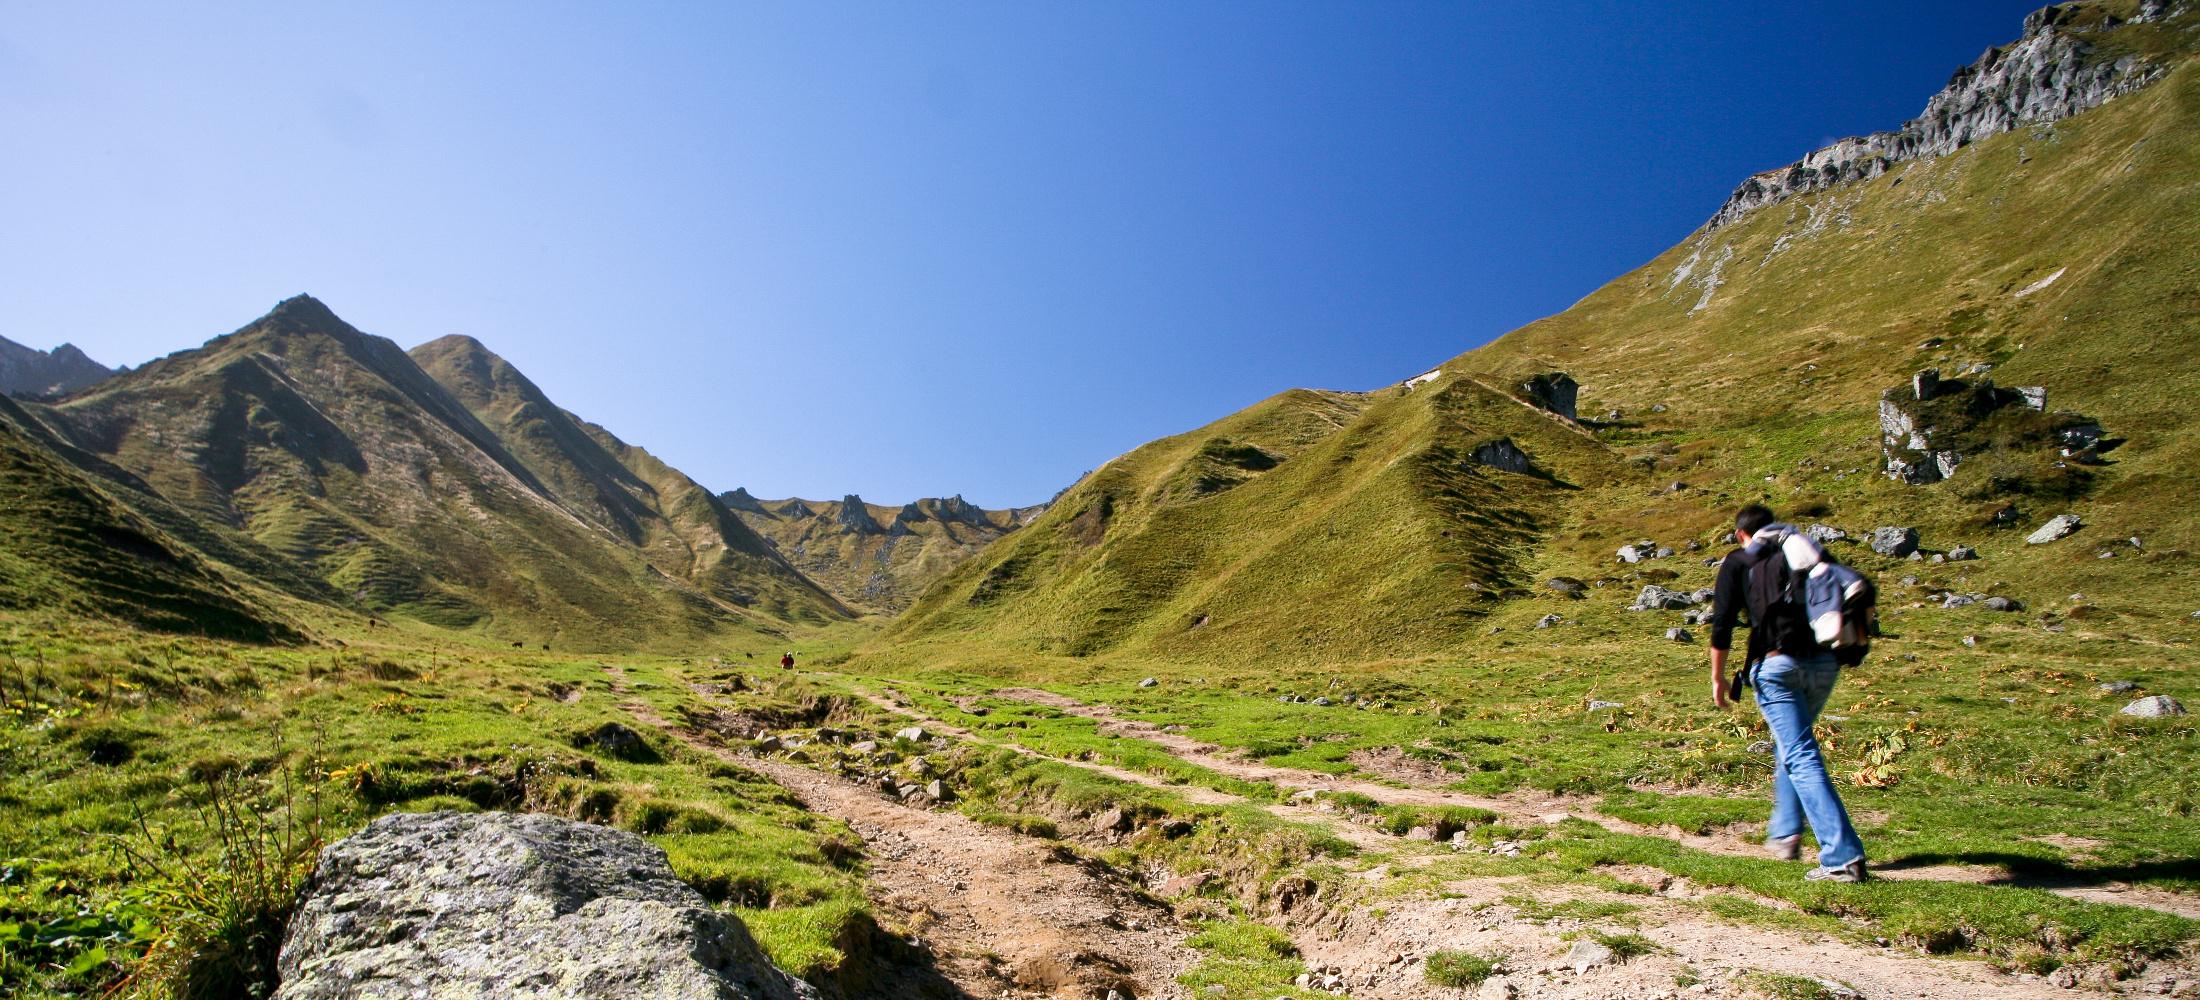 Val de Courre - Massif du Sancy - Auvergne